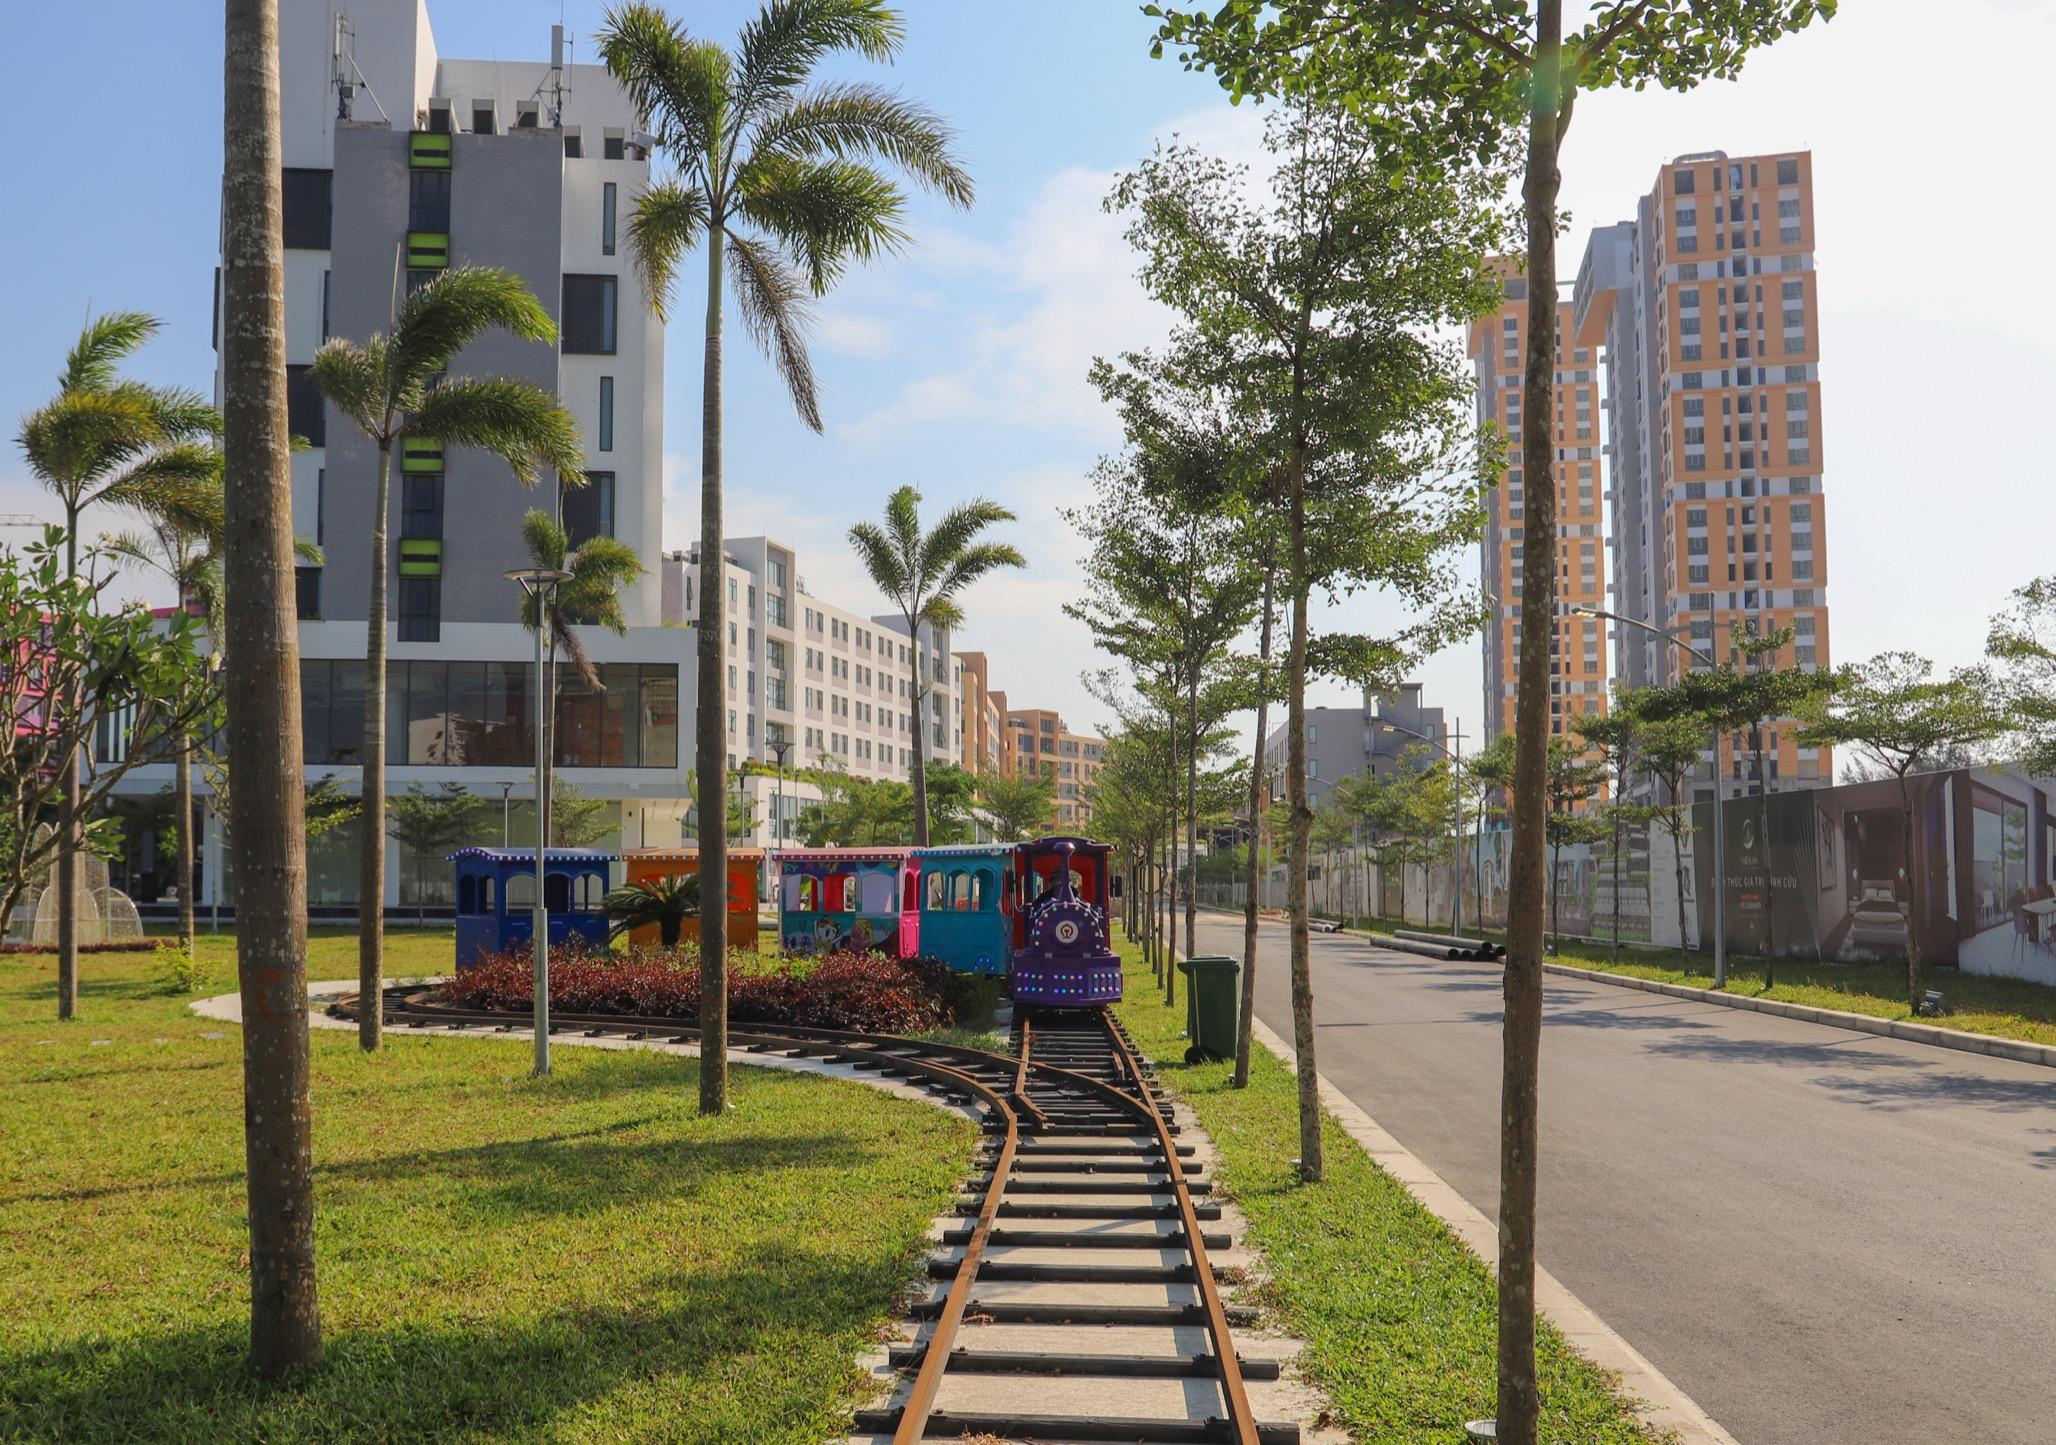 Căn hộ Golf View Luxury Apartment Đà Nẵng - Vị trí vàng, tọa lạc giữa hai sân golf 834114815